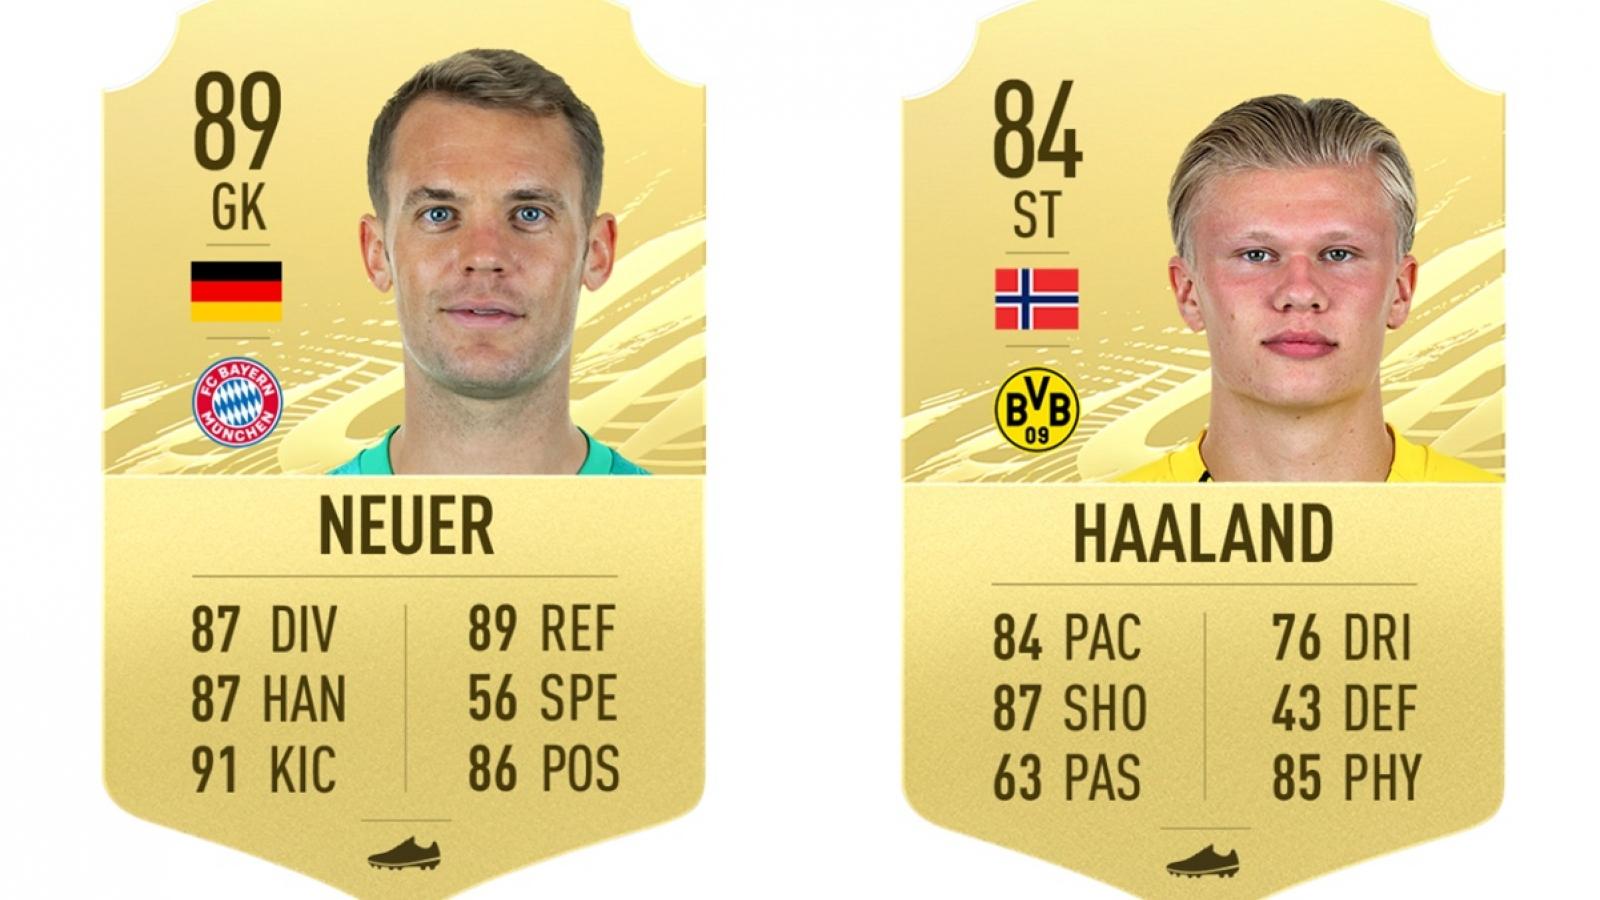 Haaland lọt vào đội hình xuất sắc nhất Bundesliga trong FIFA 21